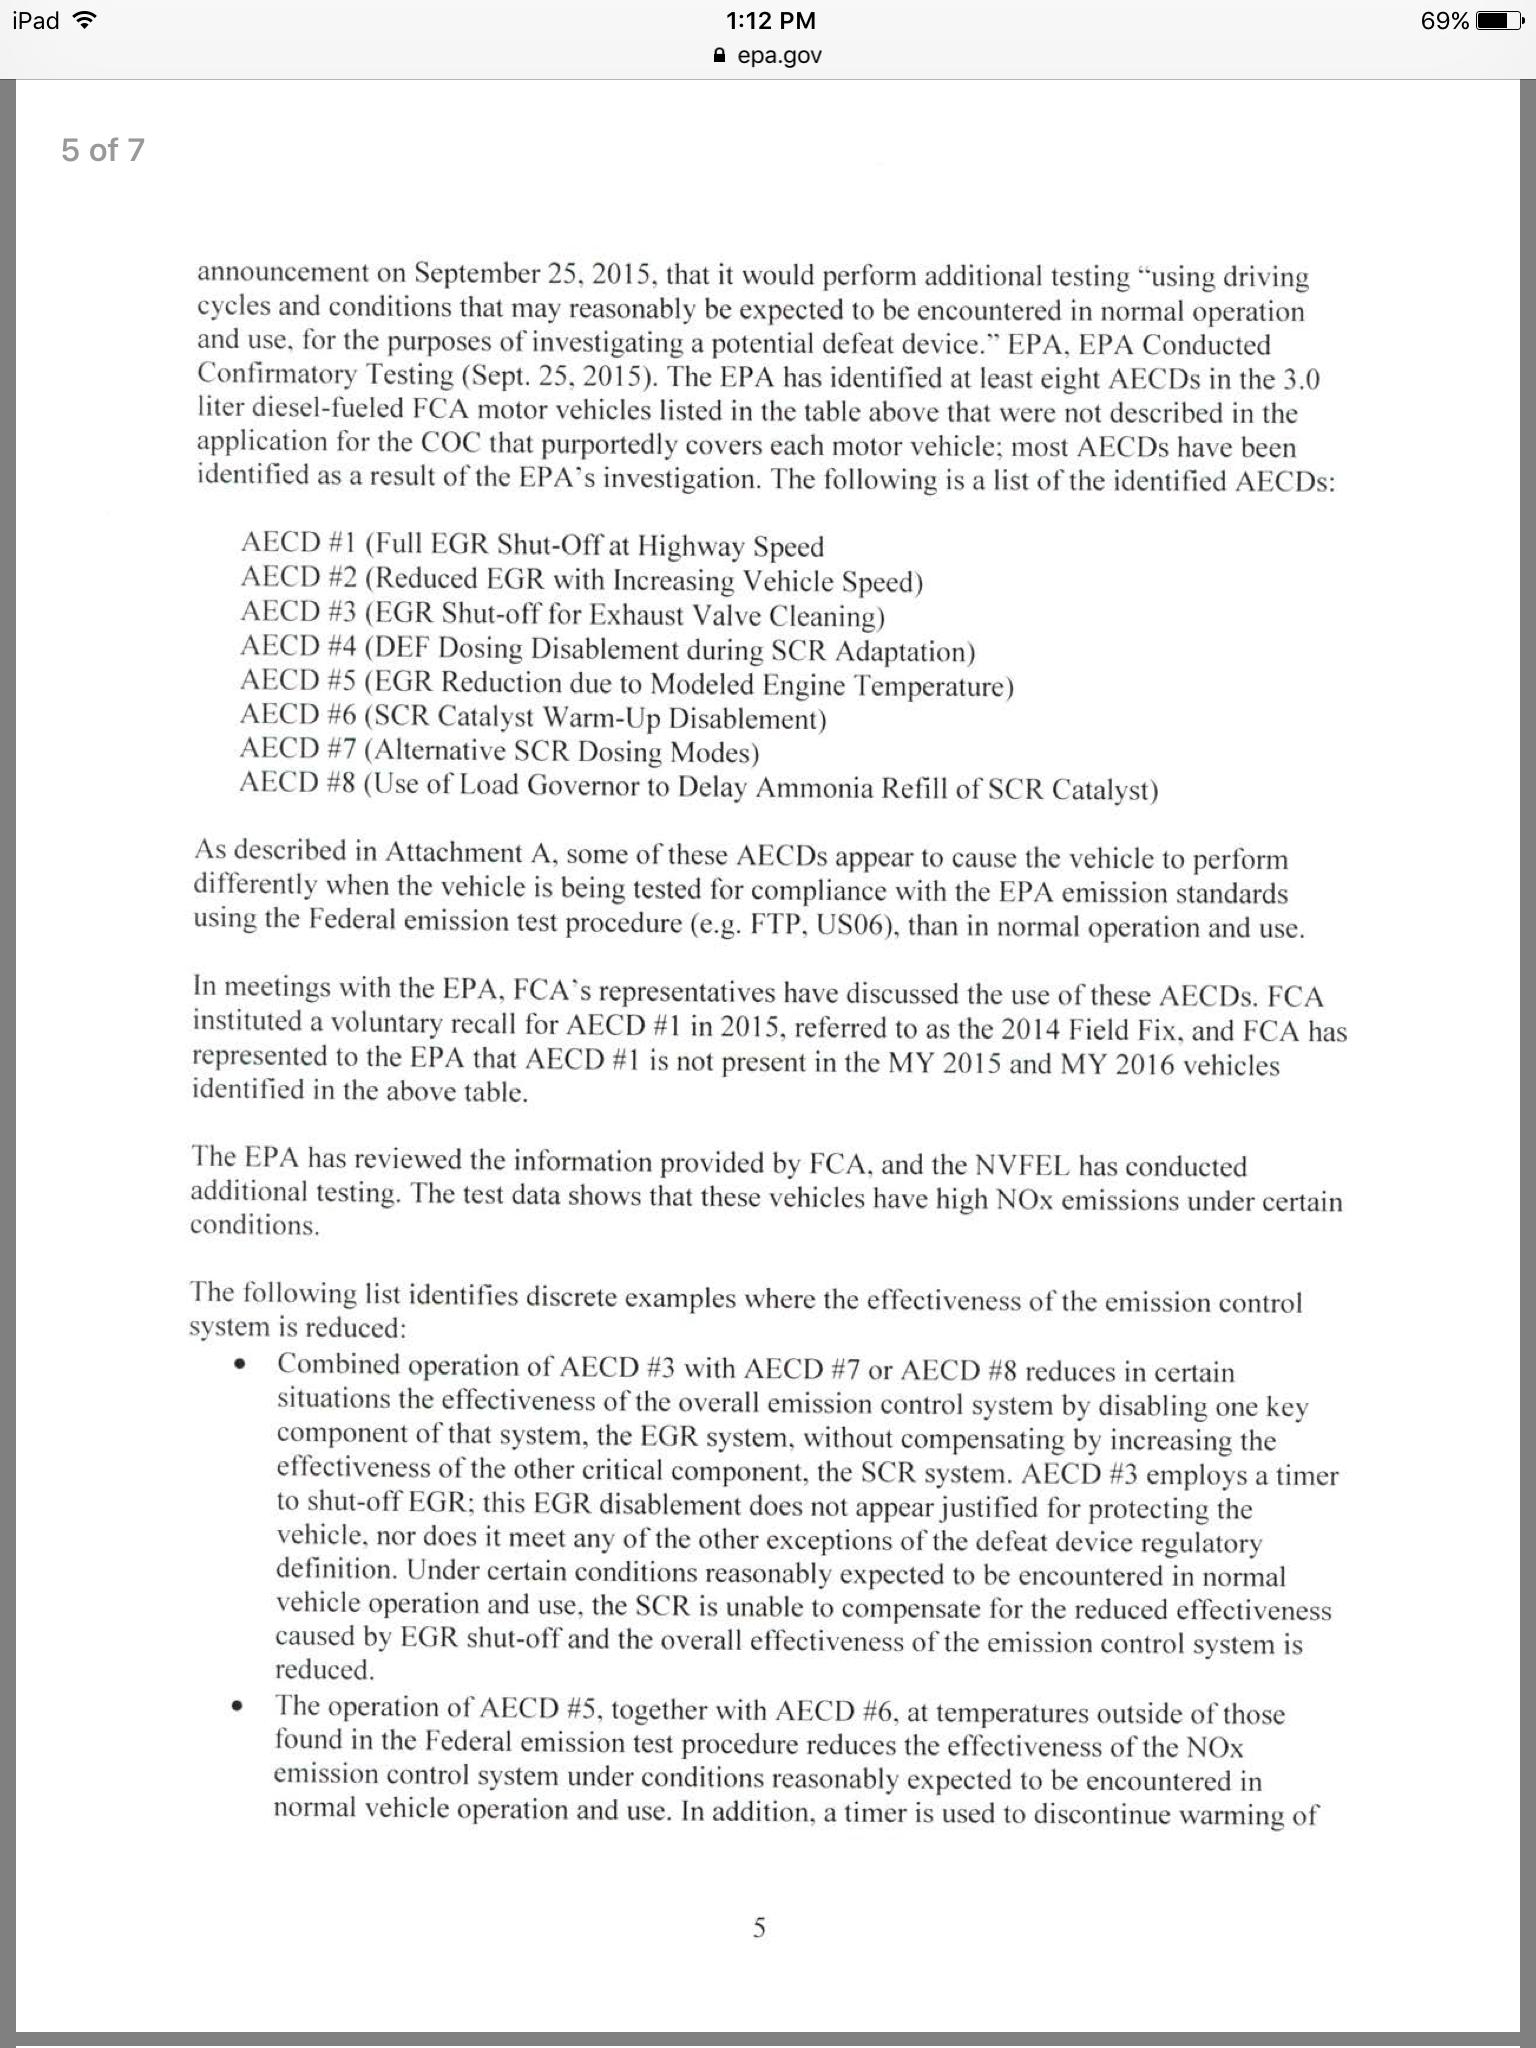 Ecodiesel EPA Scandal-img_1163.png